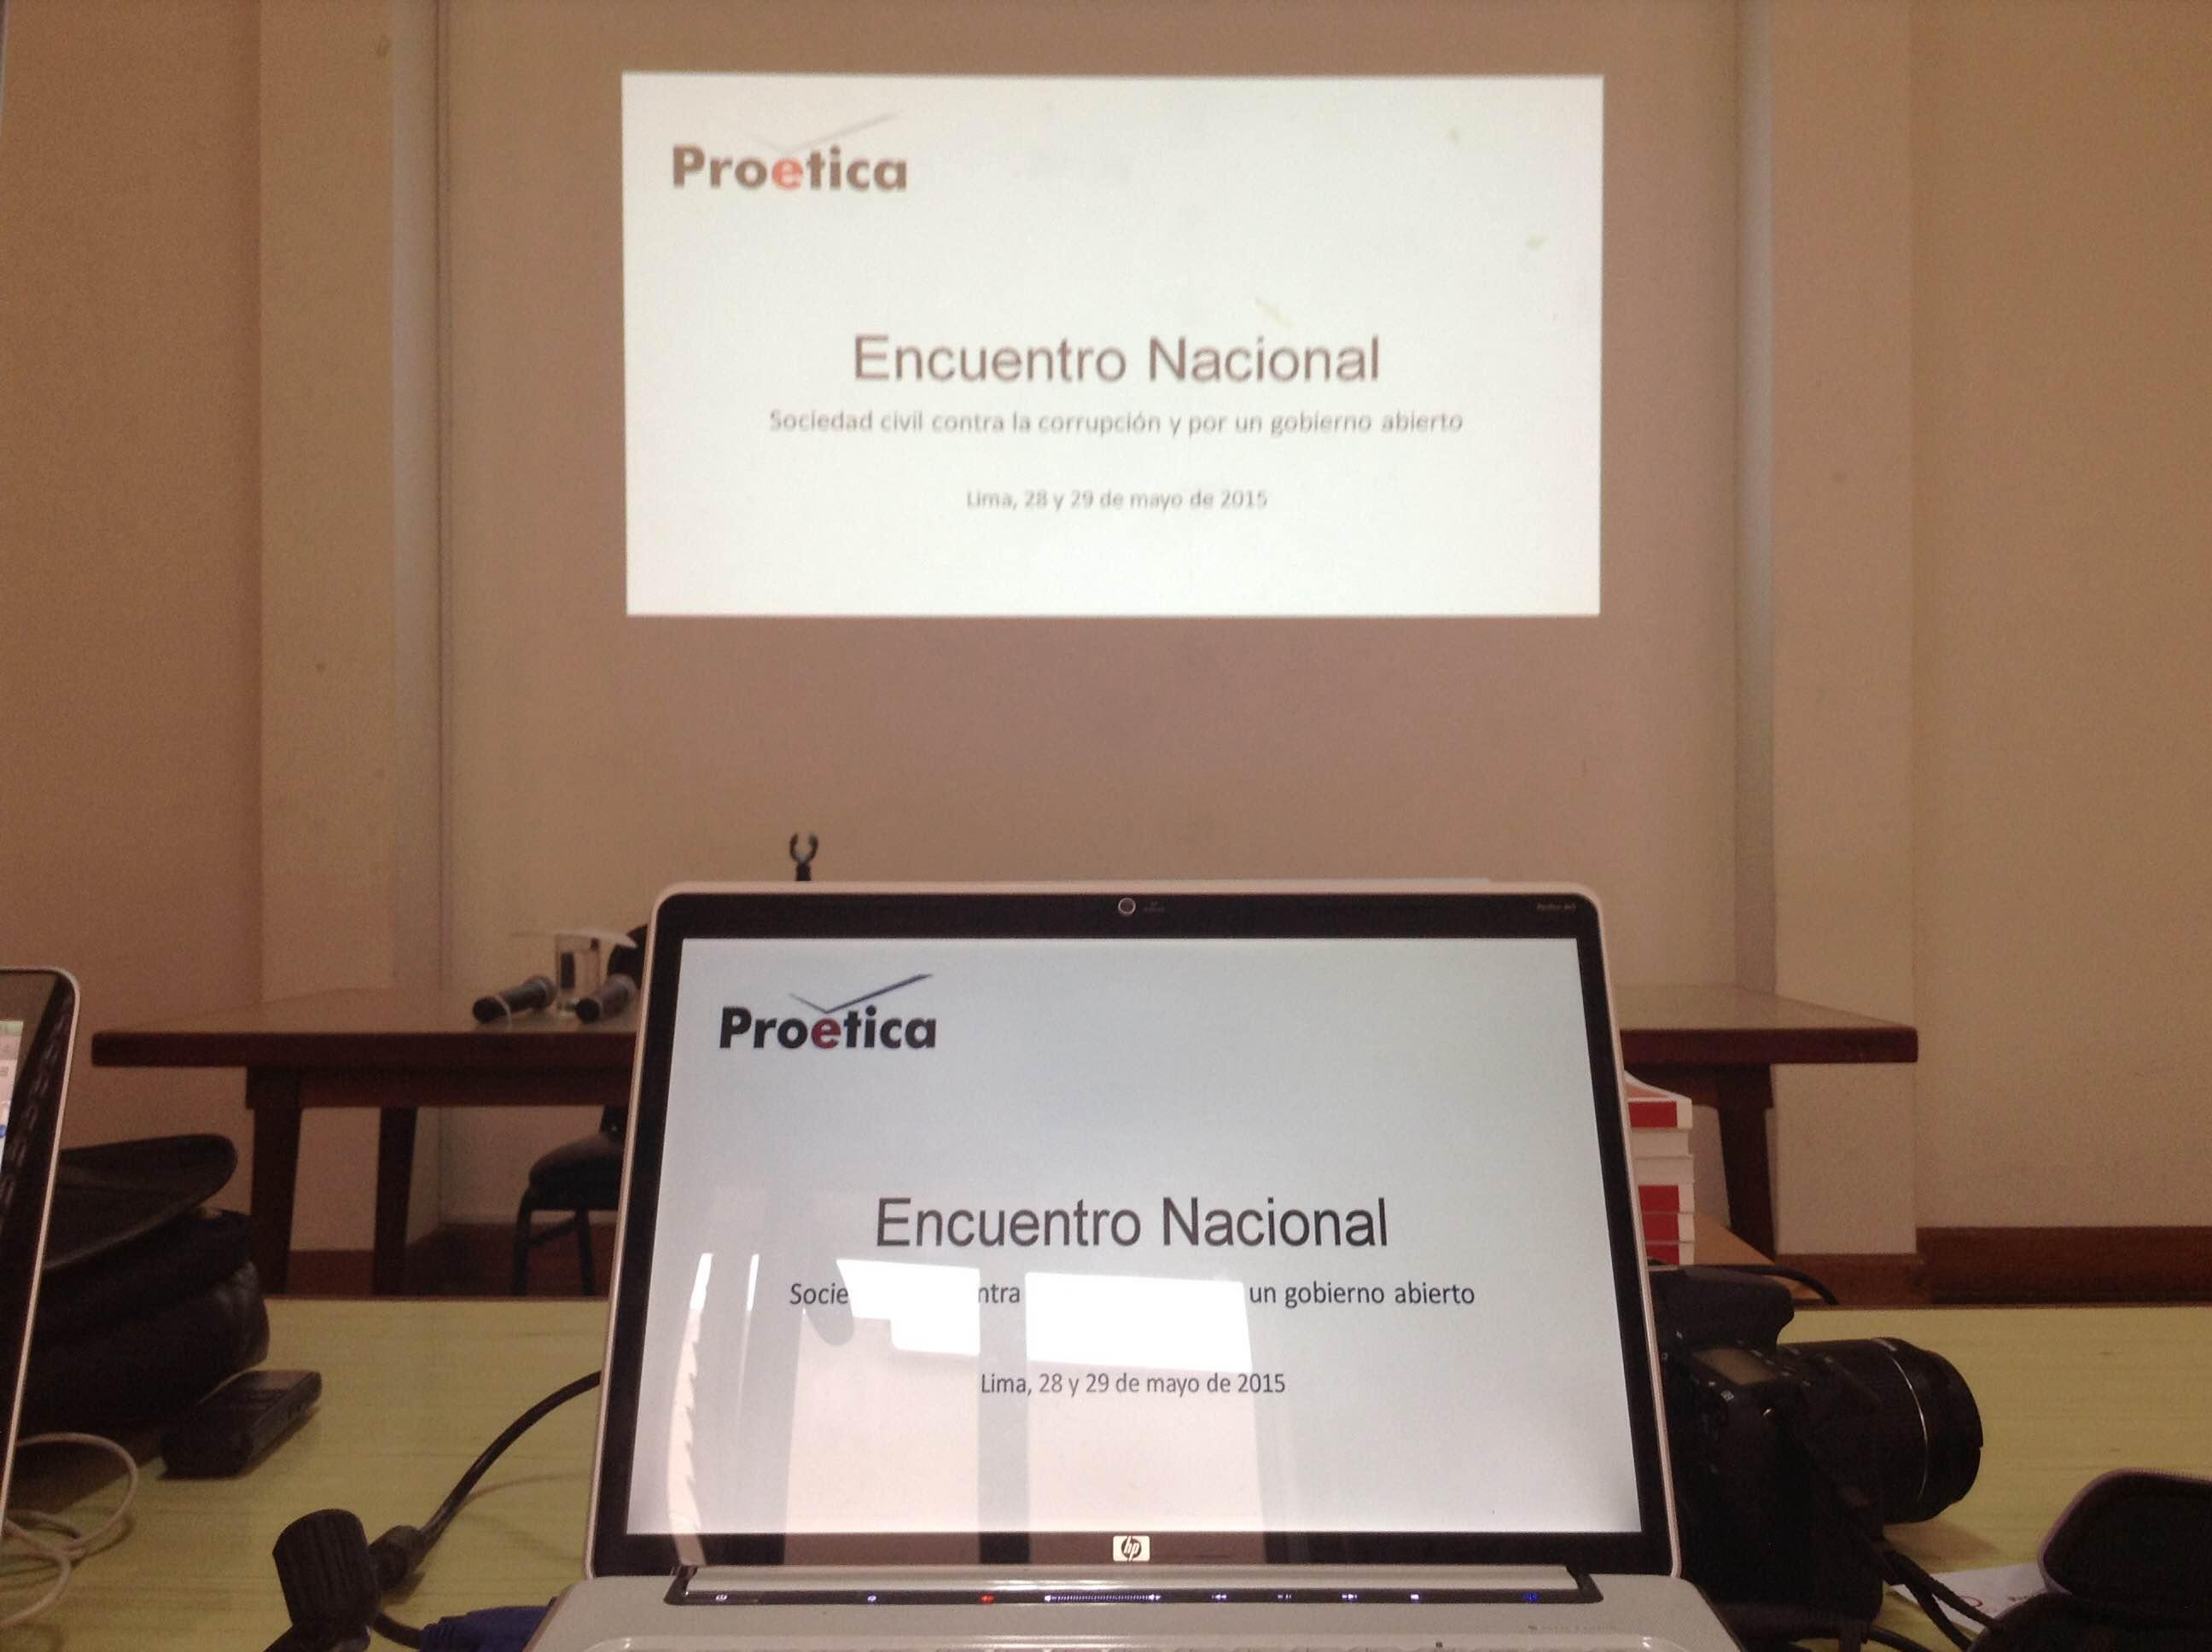 Encuentro Nacional: Sociedad Civil Contra la Corrupción y por un Gobierno Abierto.